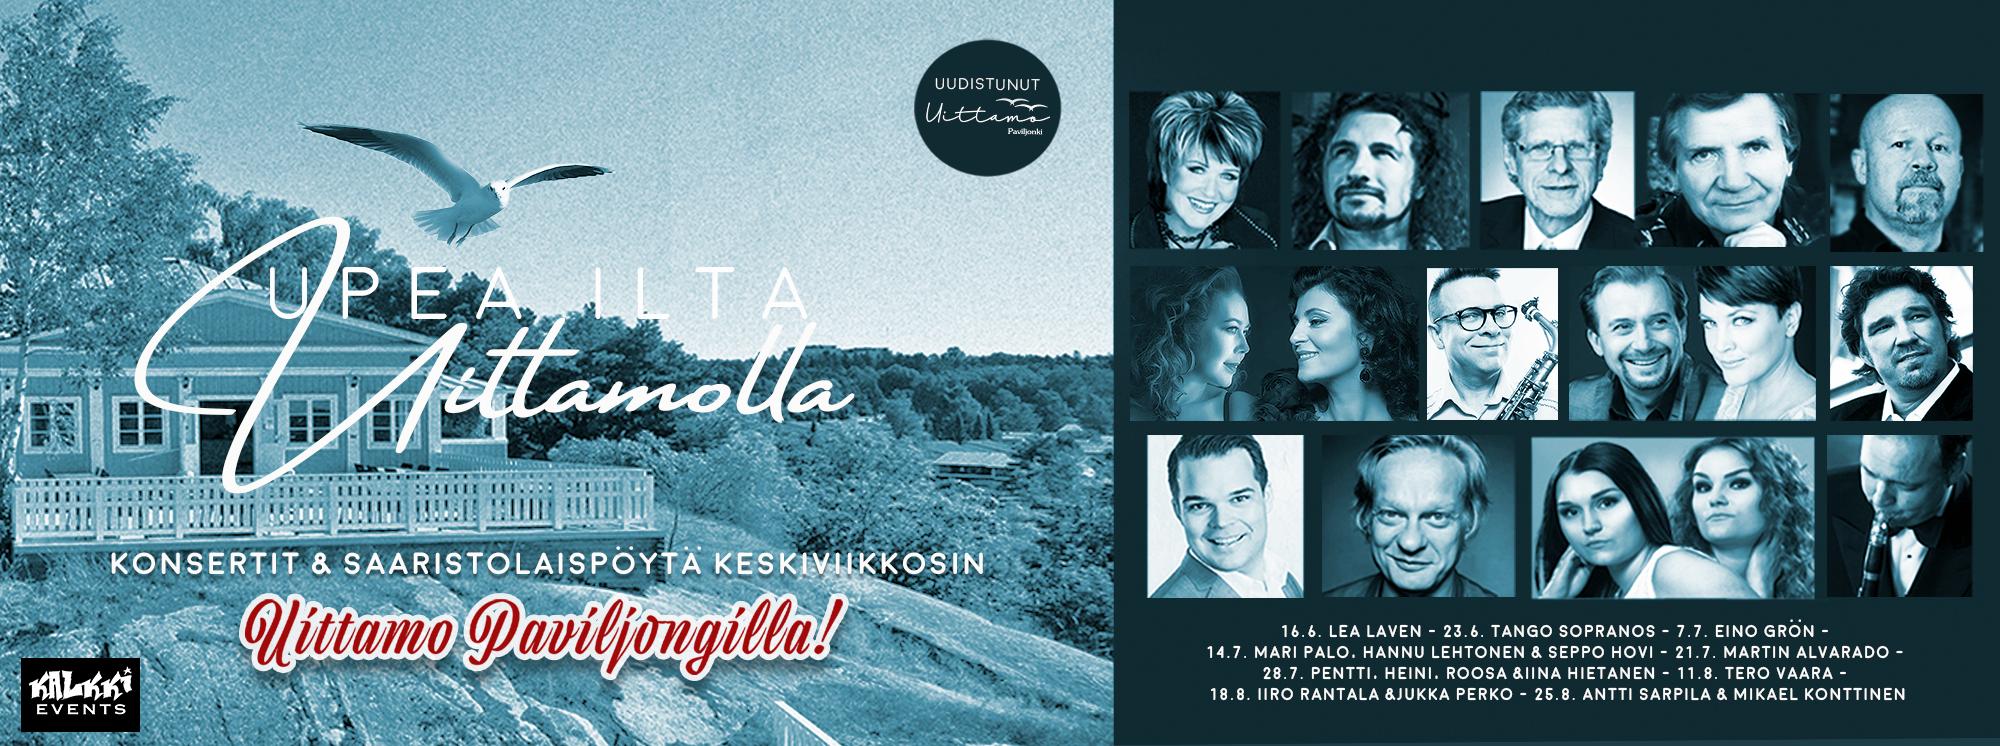 Upea ilta Uittamolla: Koko Kesän konsertit